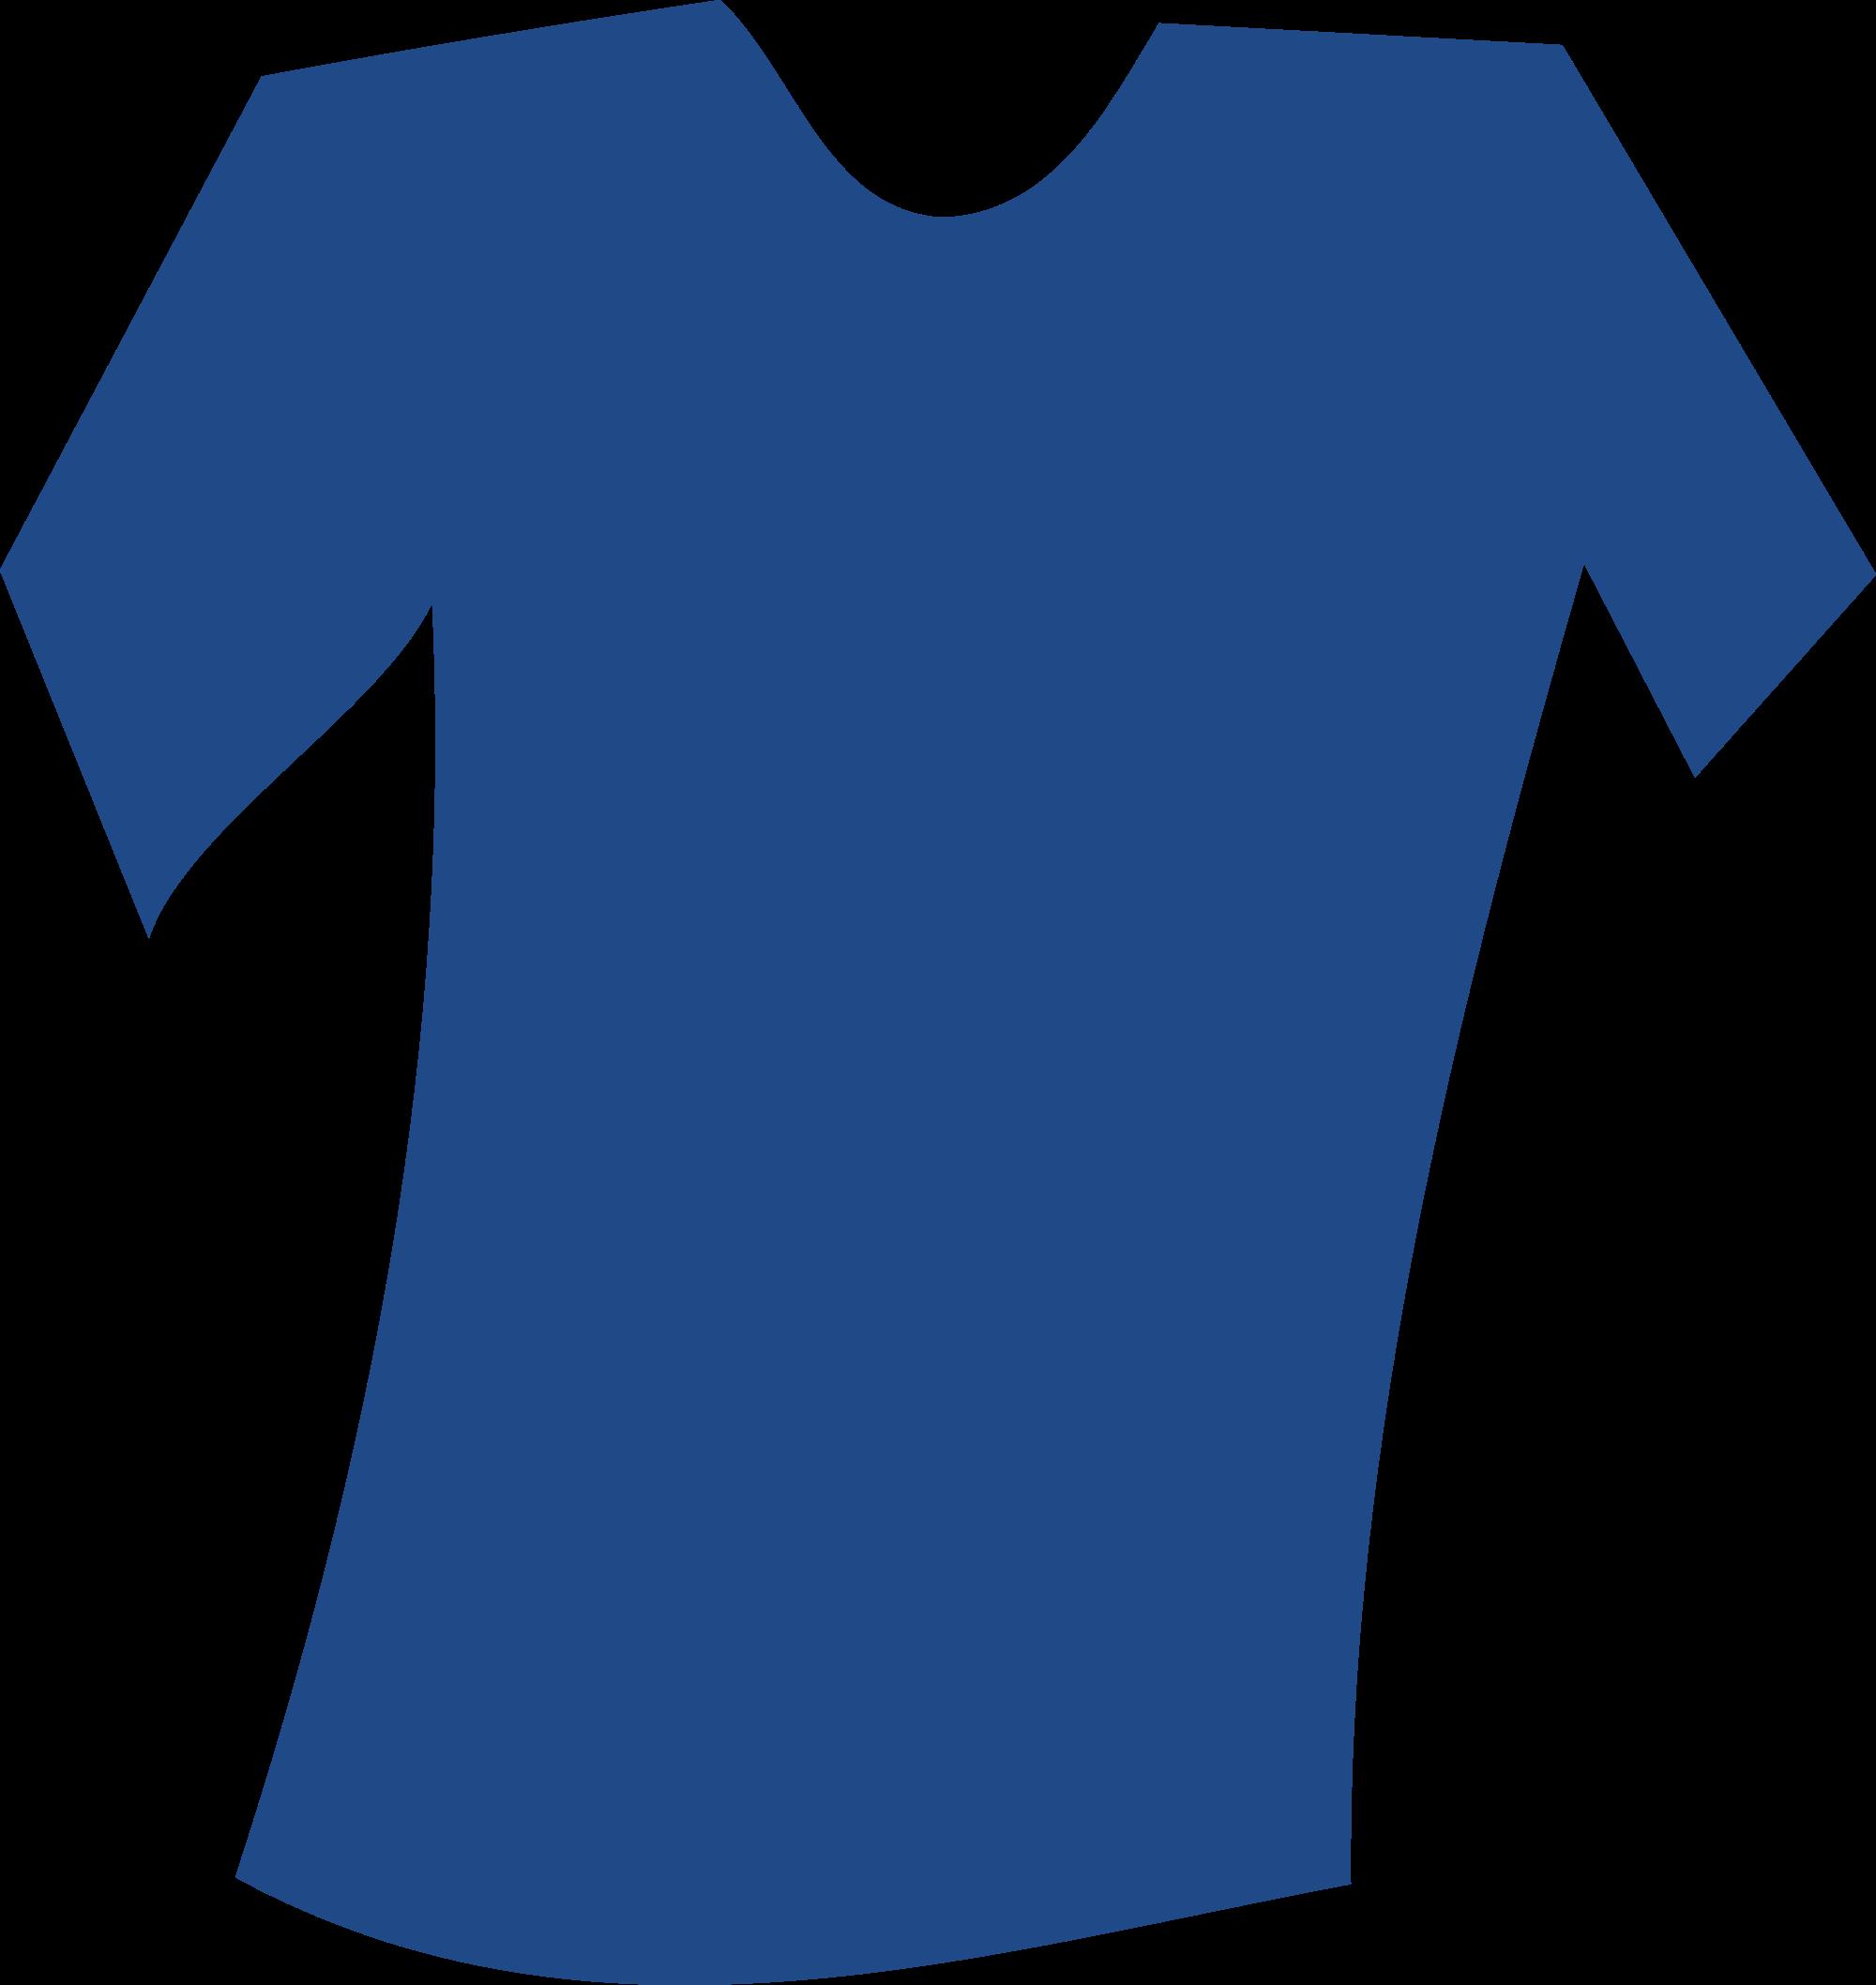 Tee shirt at getdrawings. Shirts clipart crumpled